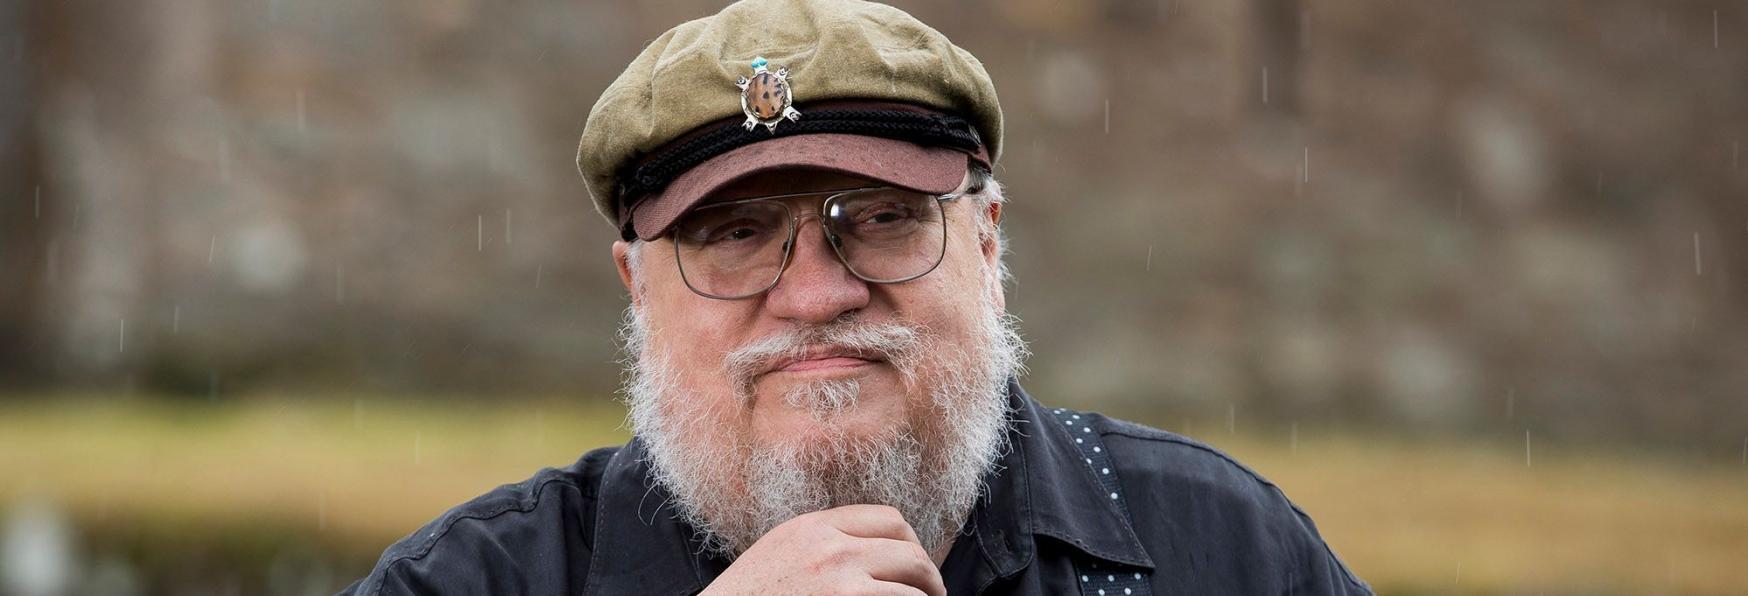 Game of Thrones: George R. R. Martin promette un Finale Totalmente Diverso nei Romanzi